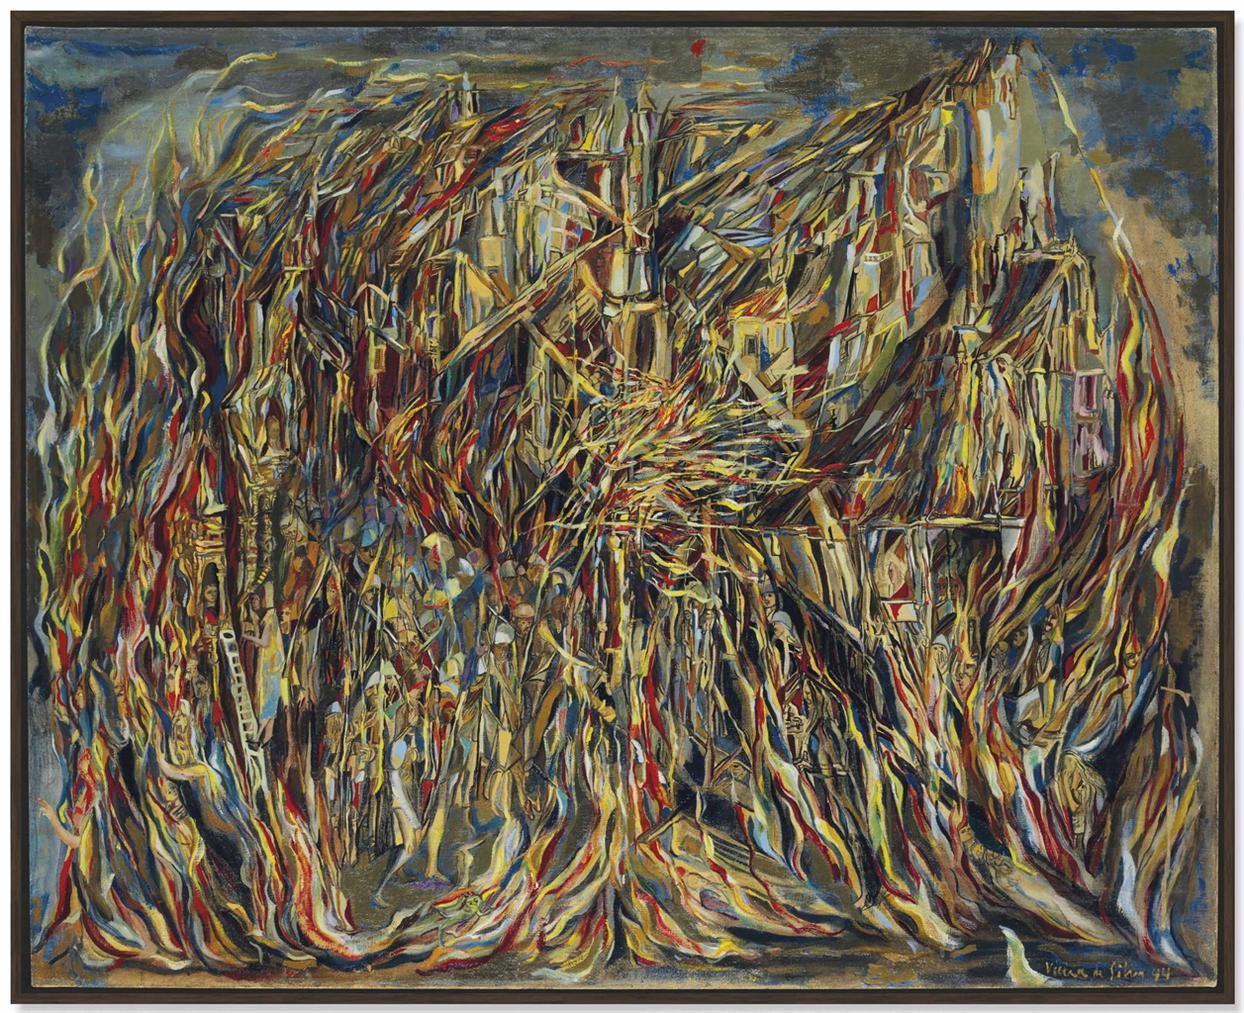 Maria Helena Vieira da Silva-Lincendie I (The Fire I)-1944